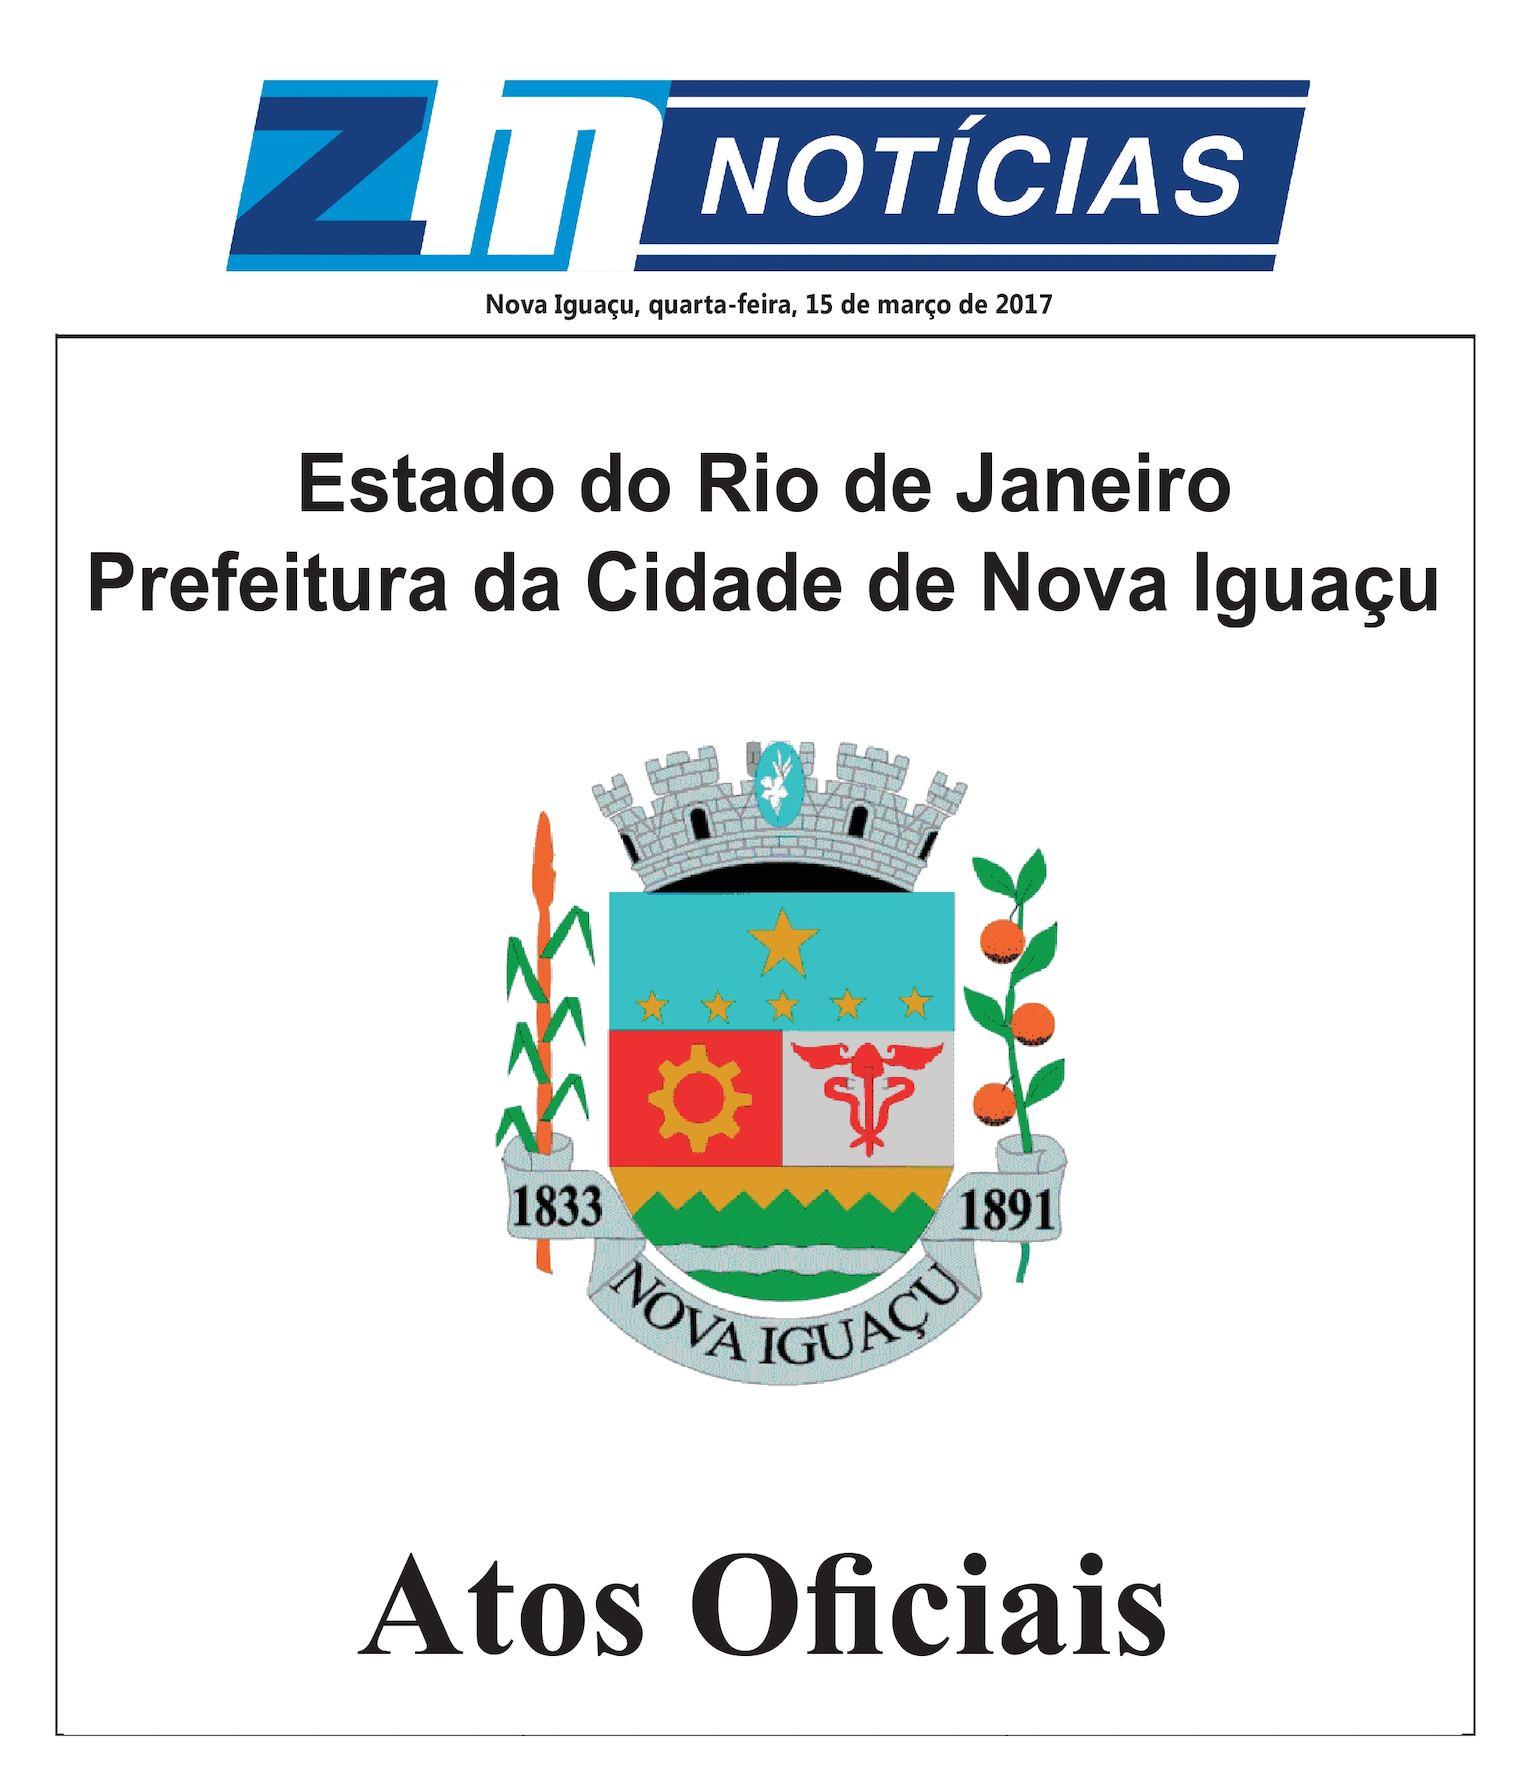 P C N I Atos Oficiais 150317